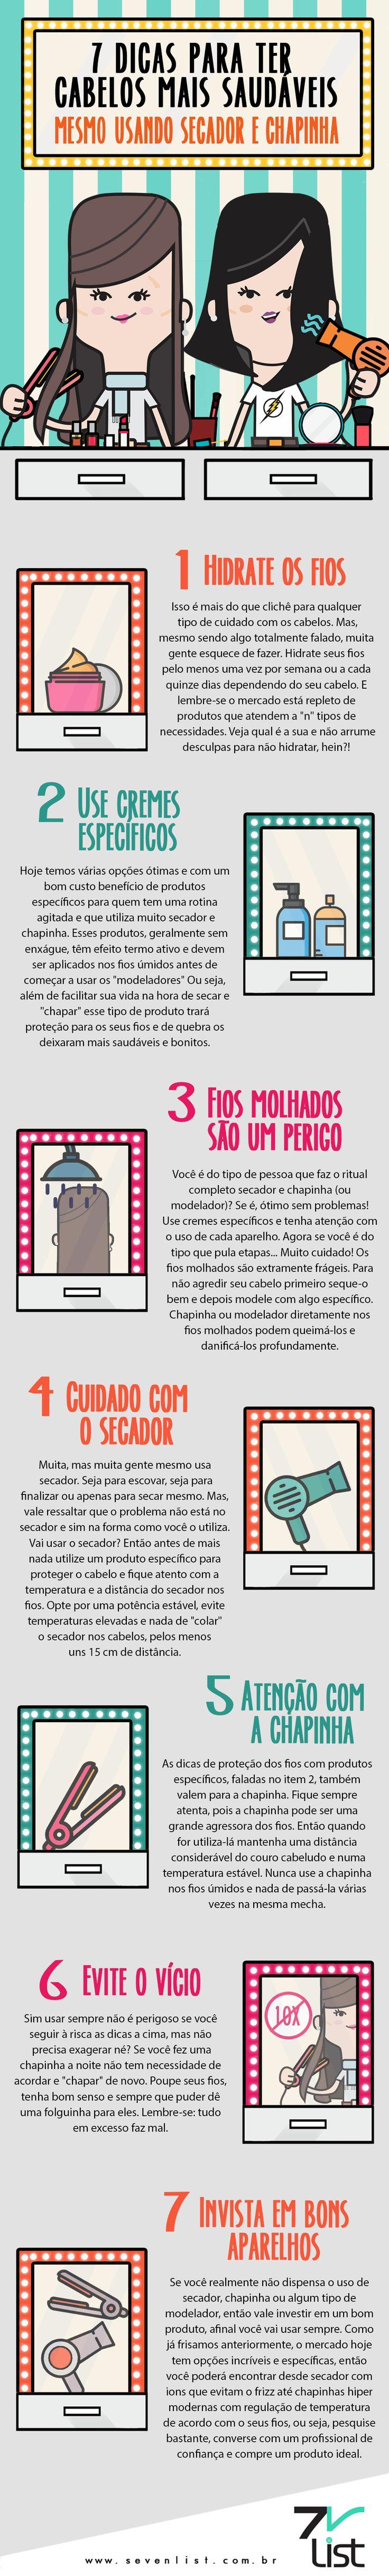 7 dicas para ter cabelos saudáveis mesmo usando secador e chapinha.